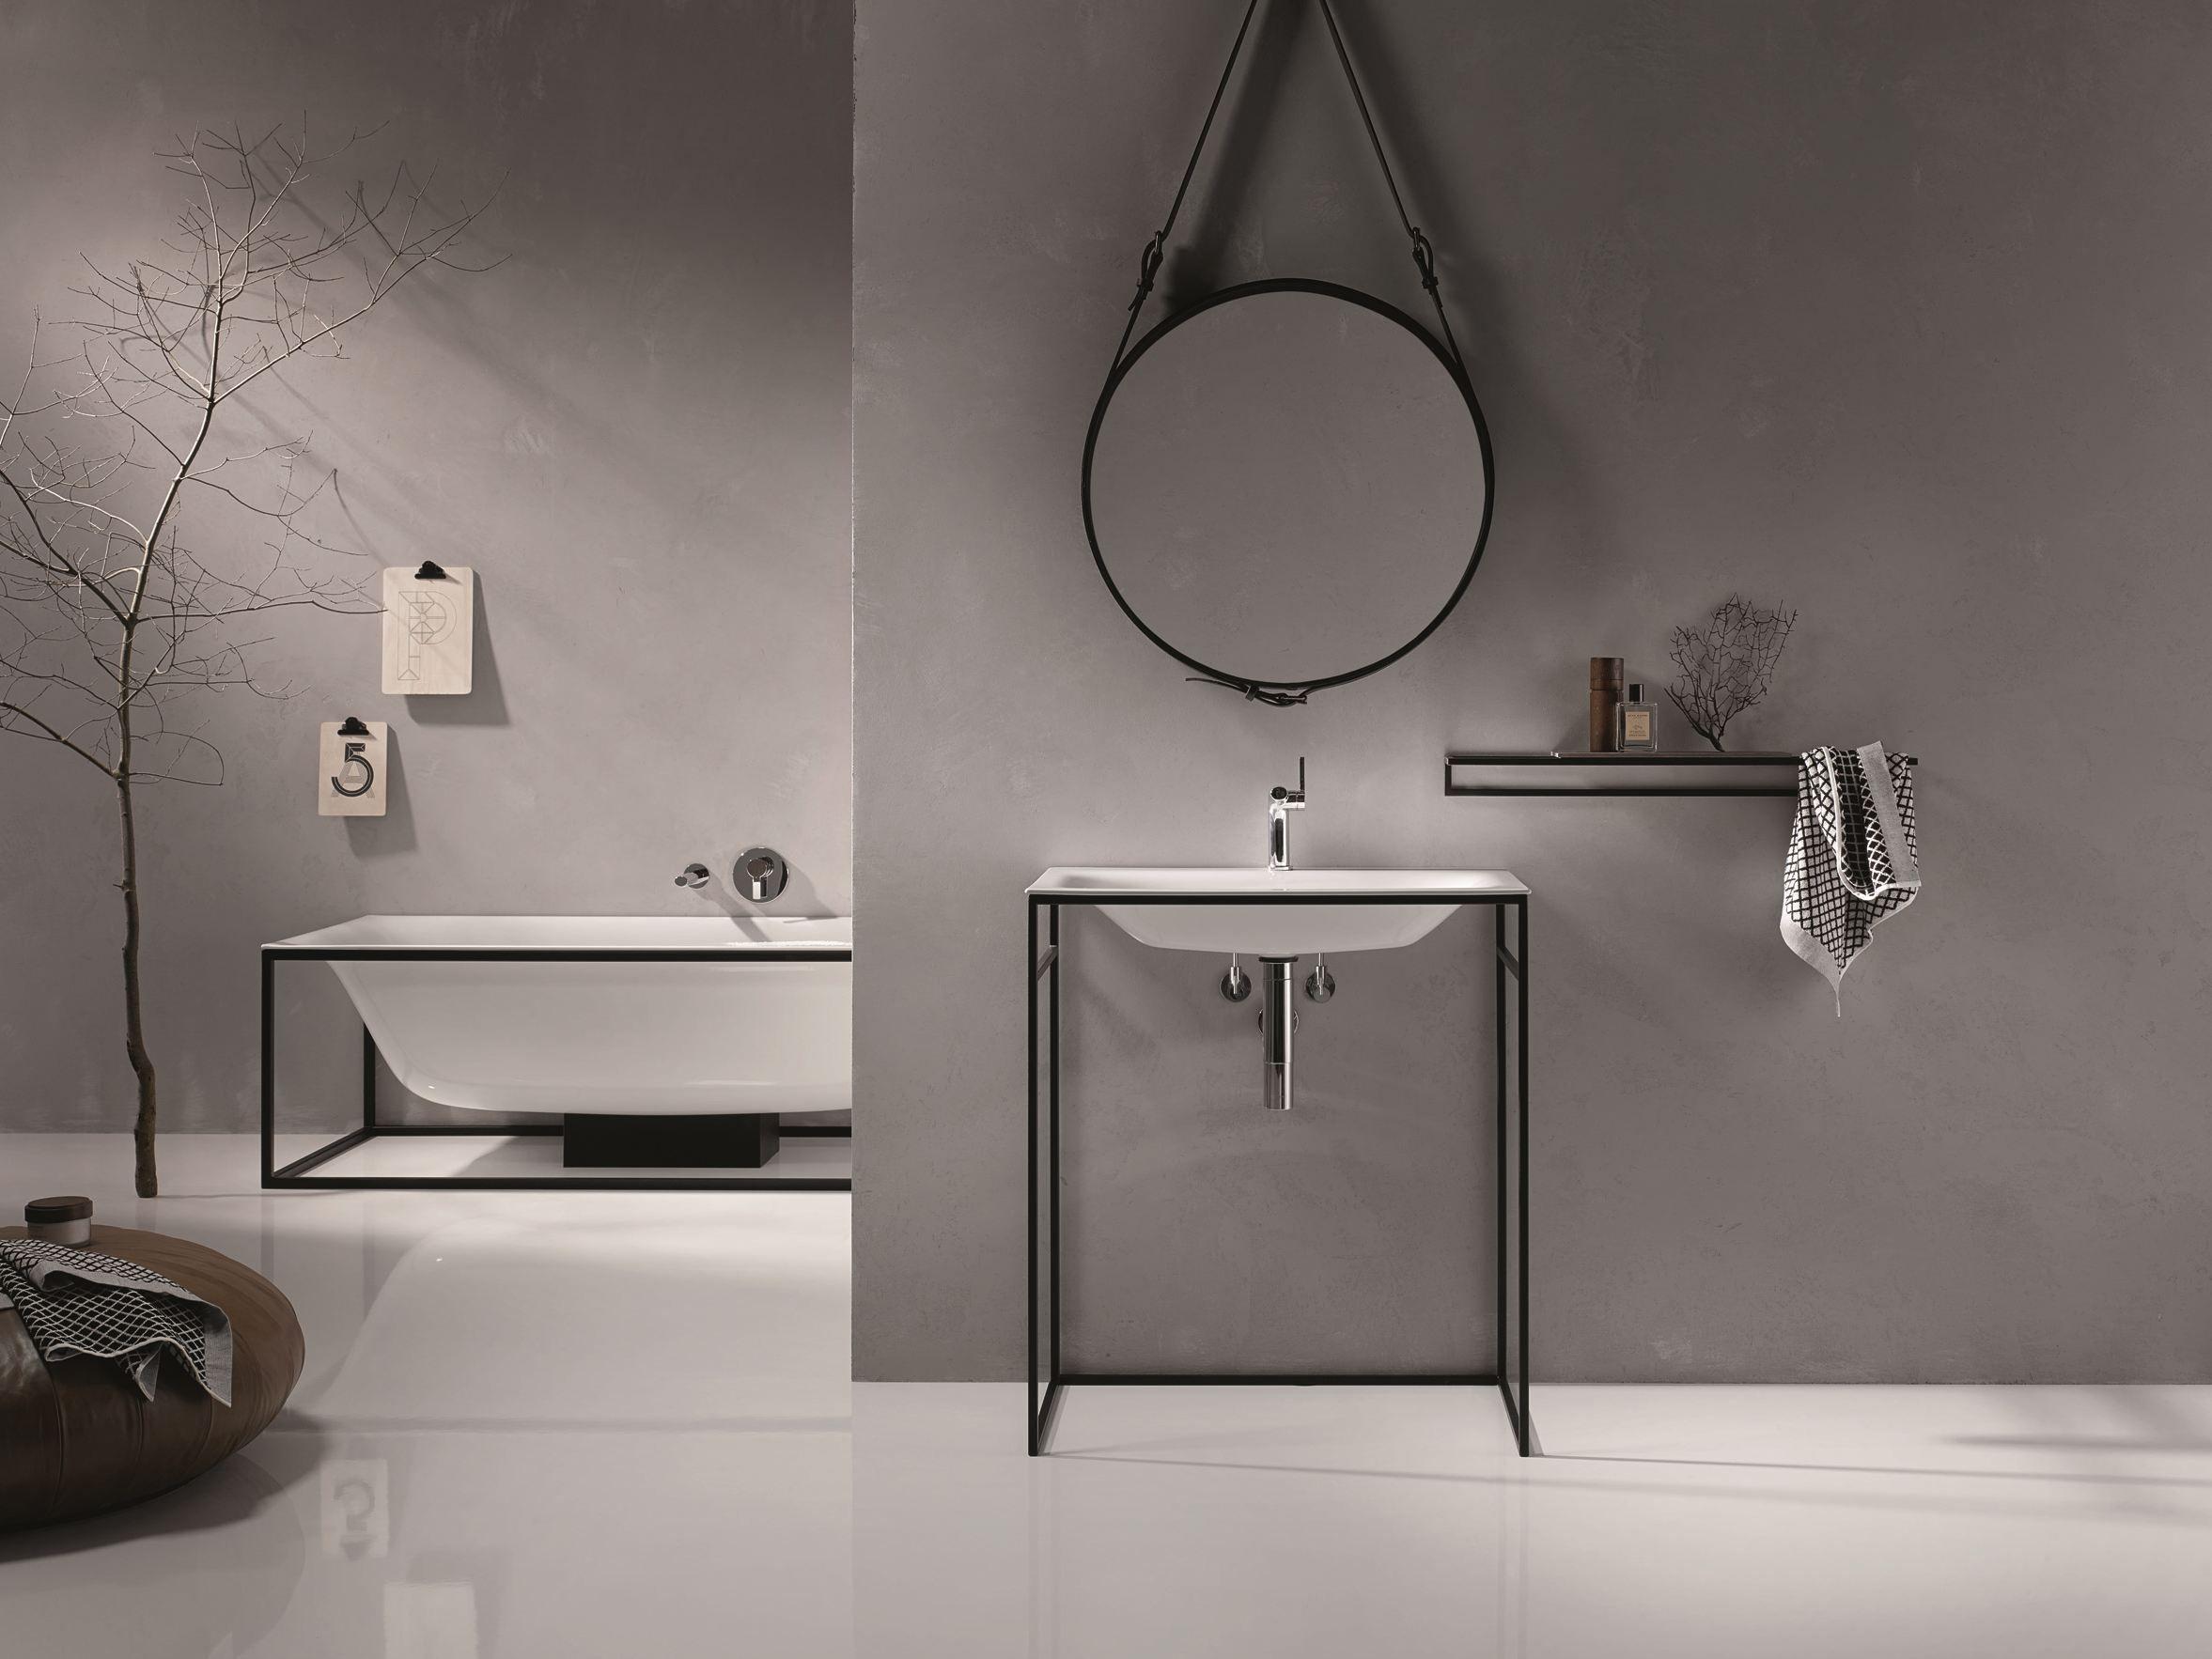 Handtuchhalter wandregal f r badezimmer bettelux shape for Spiegel 0nline